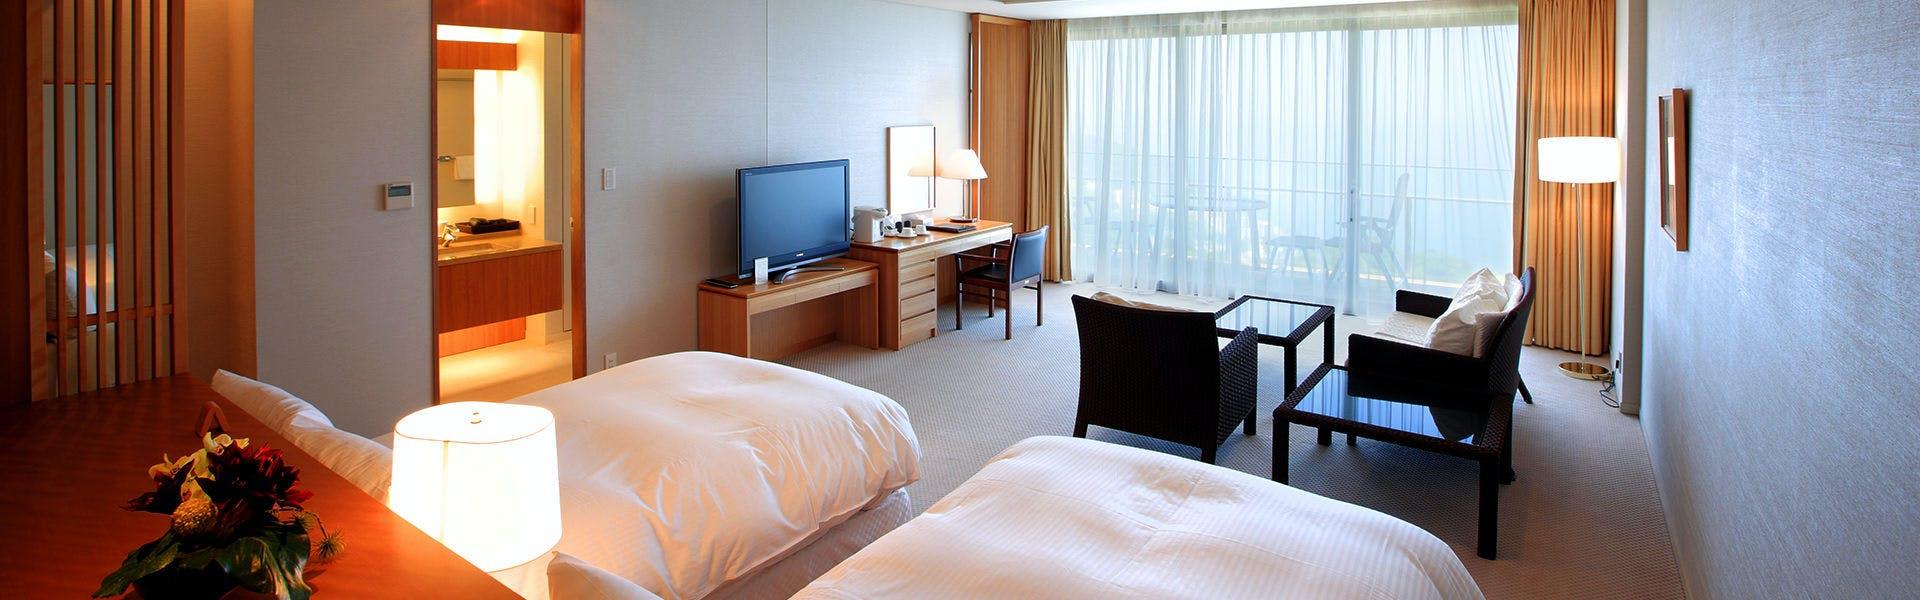 記念日におすすめのホテル・熱海倶楽部迎賓館の写真3